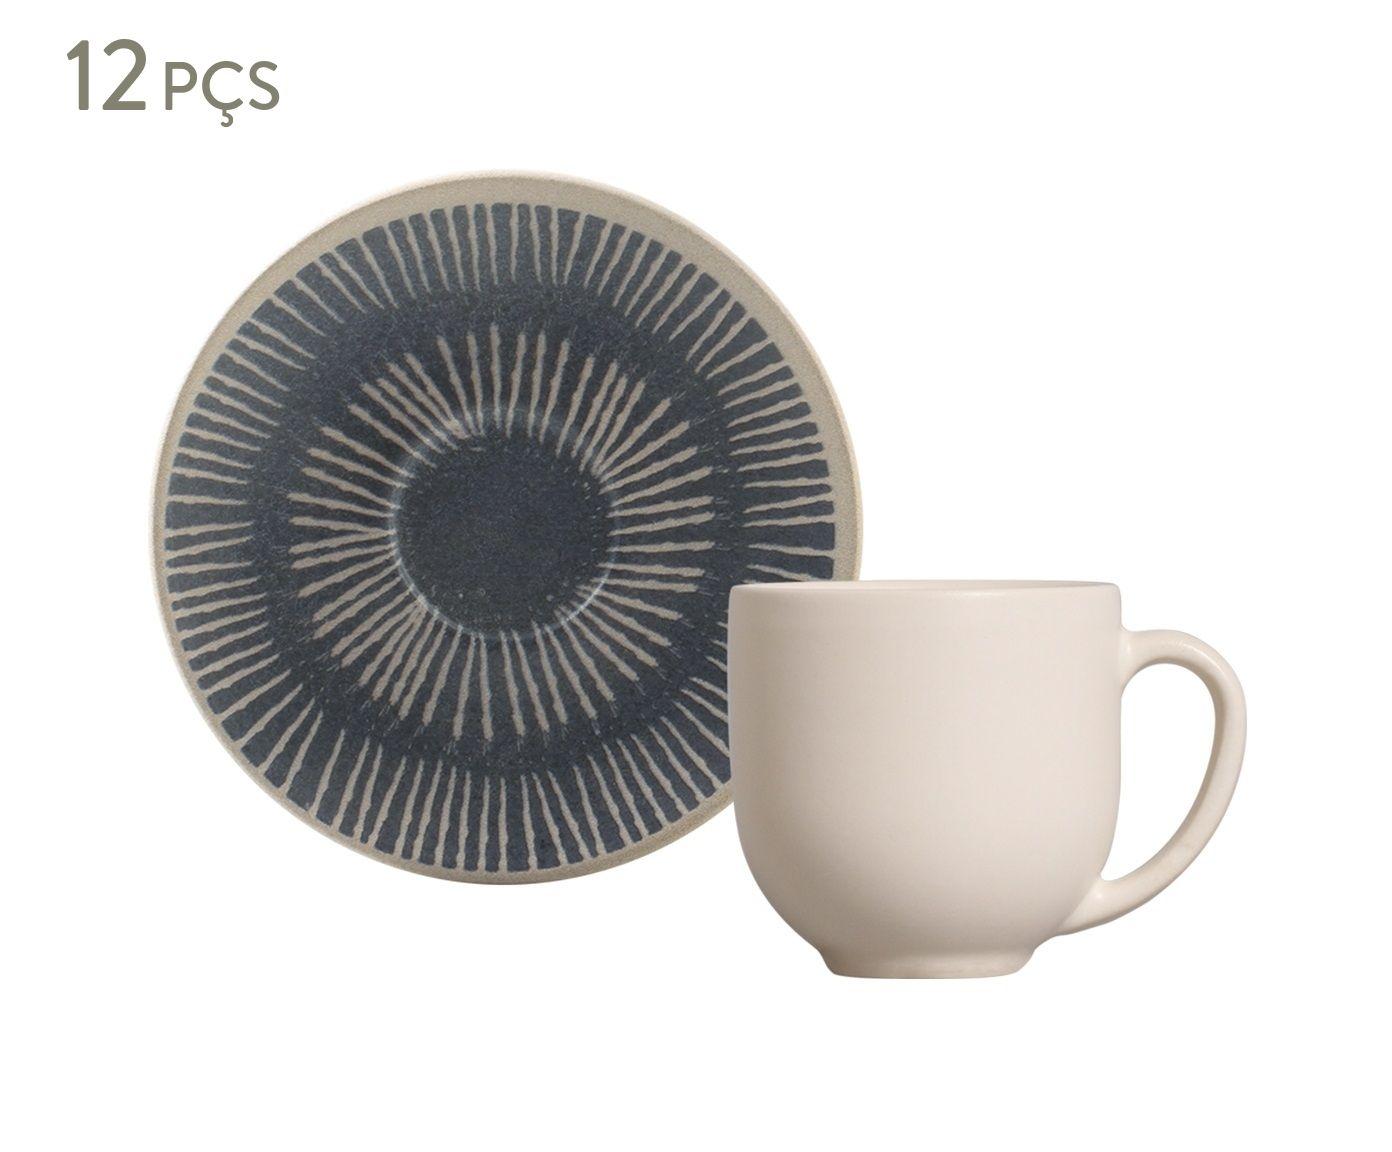 Jogo de Xícaras para Café com Pires Coup Florescer - 112ml | Westwing.com.br